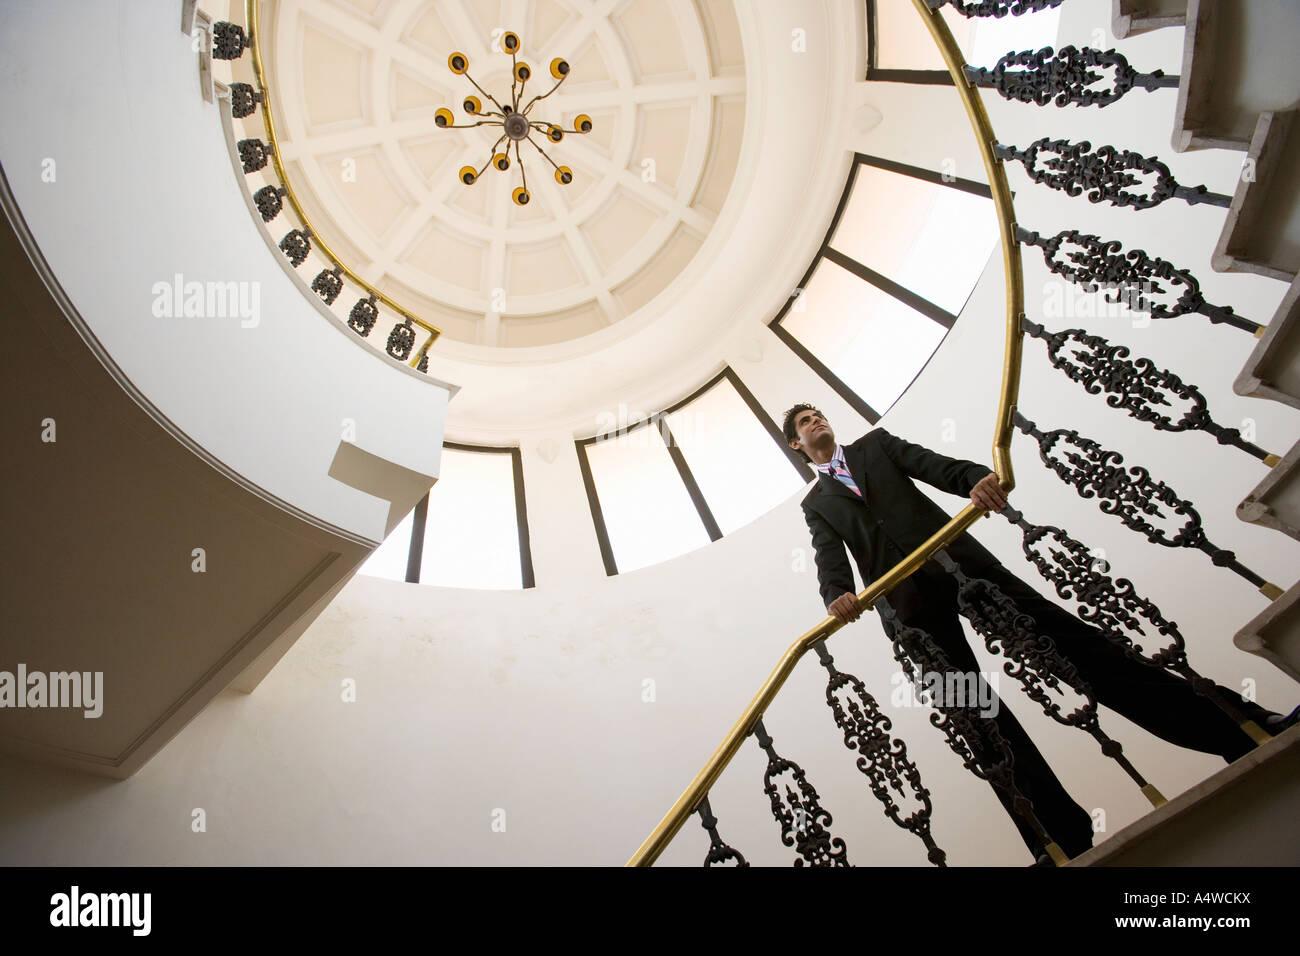 Imprenditore sulla scalinata a spirale Immagini Stock